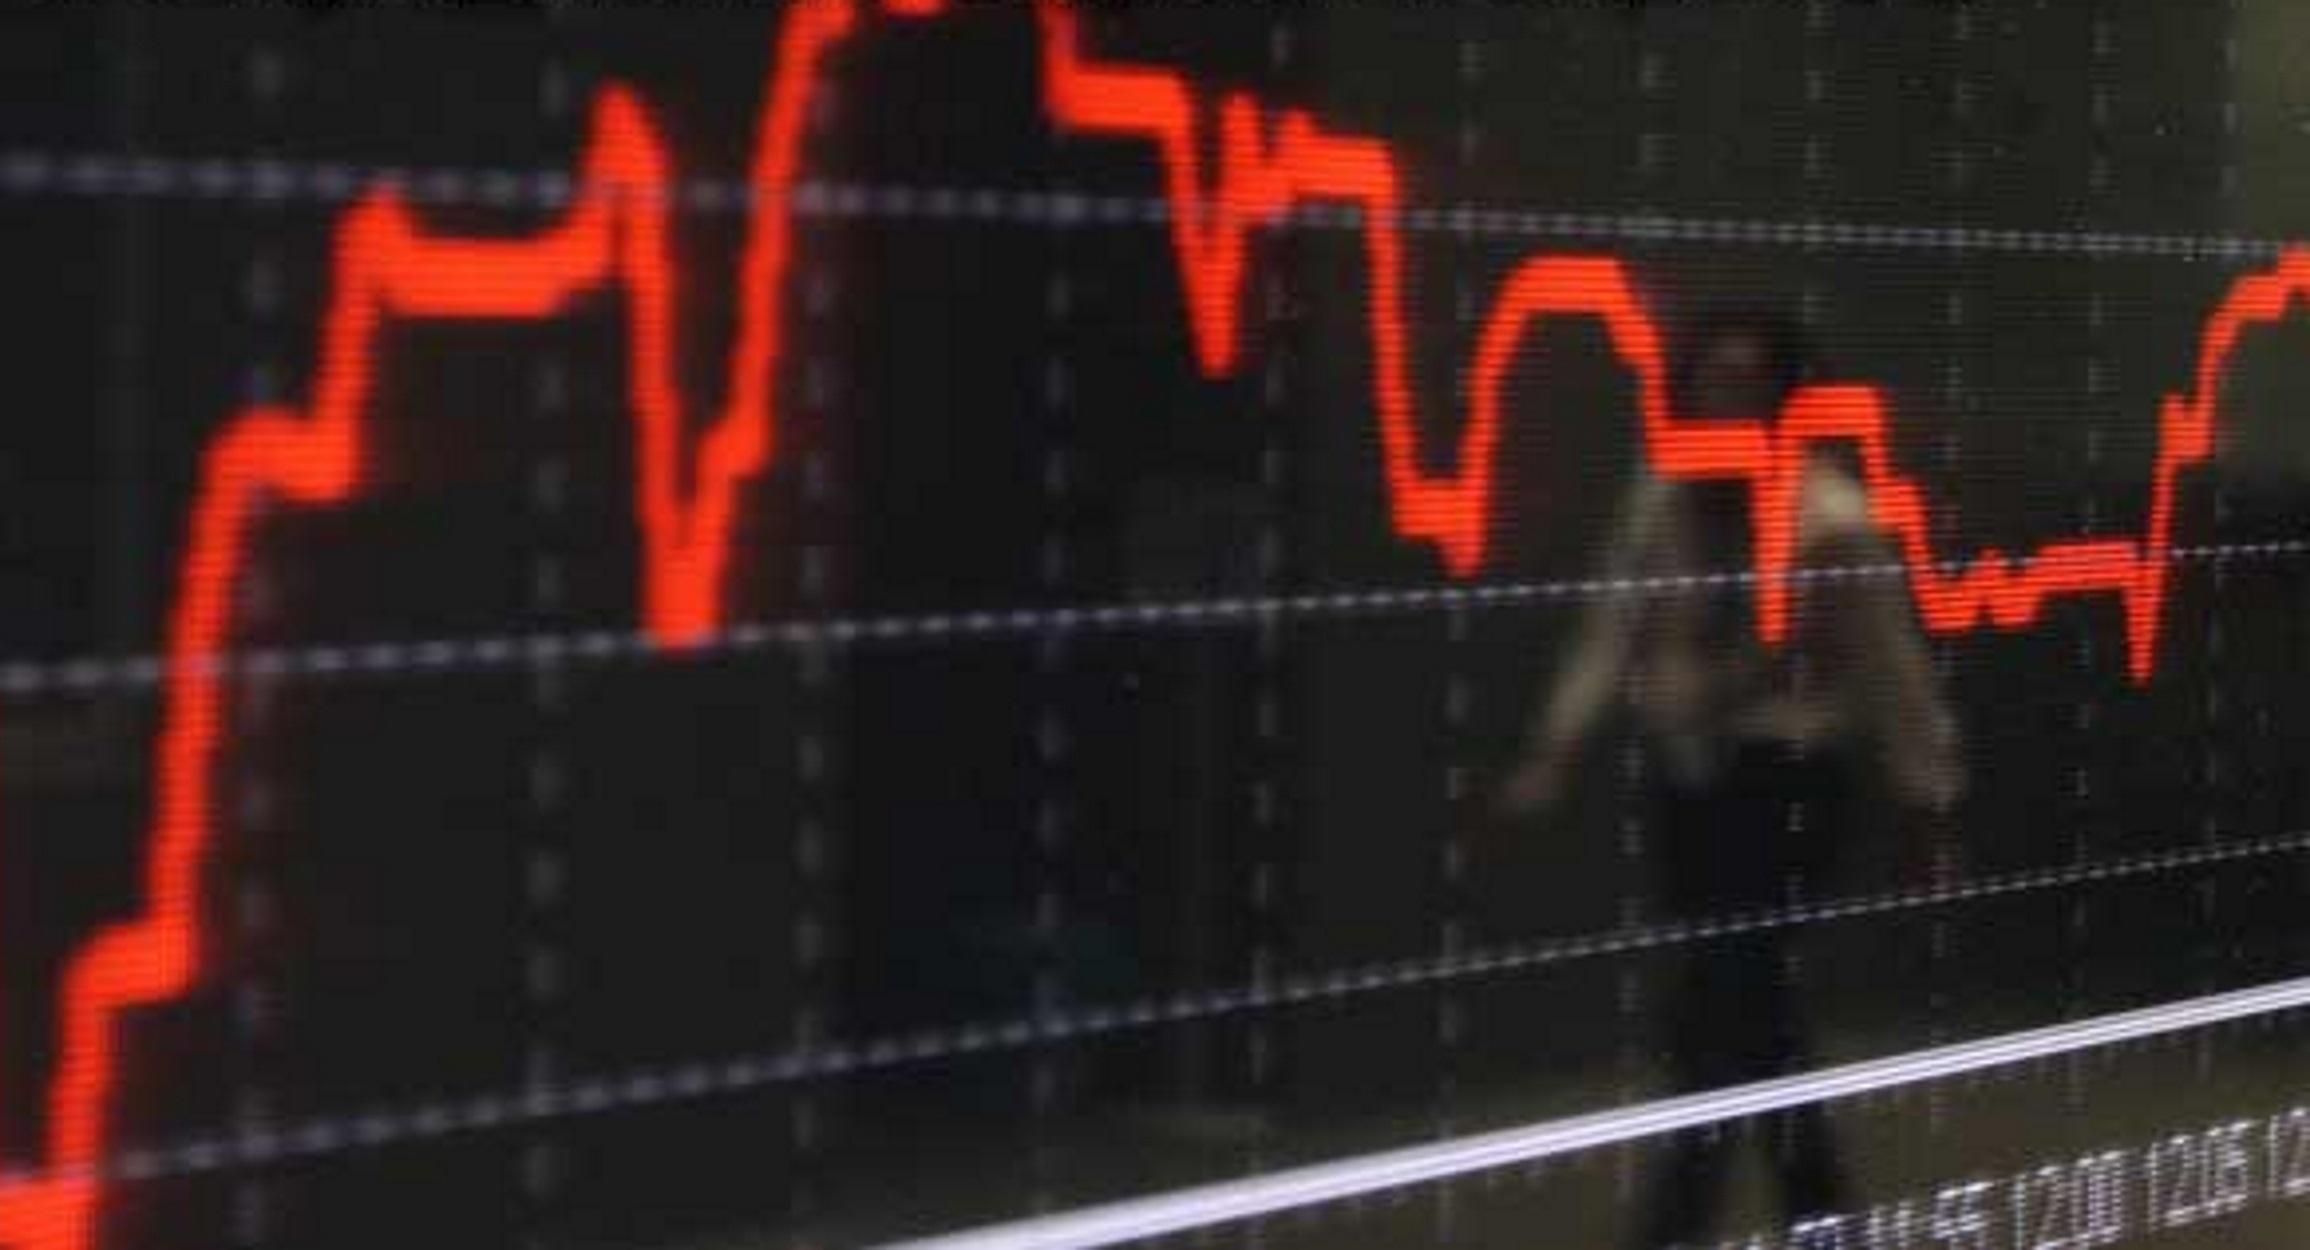 Χρηματιστήριο: Πτώση 2,16% και στις 762,13 μονάδες ο γενικός δείκτης